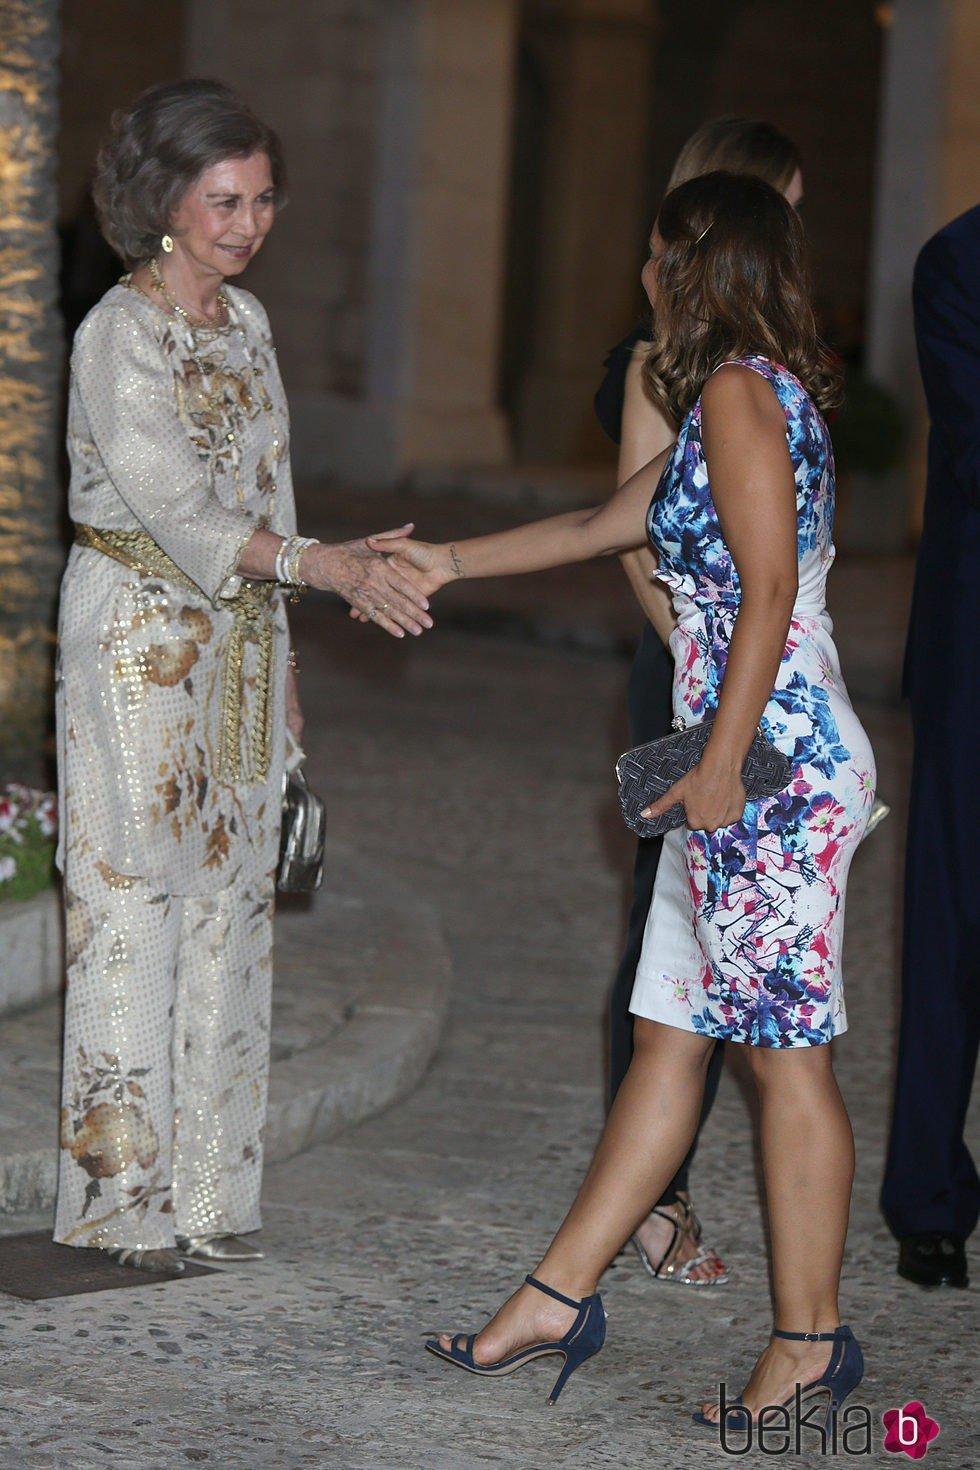 La Reina Sofía saluda a Chenoa en la recepción a las autoridades y la sociedad balear en Mallorca